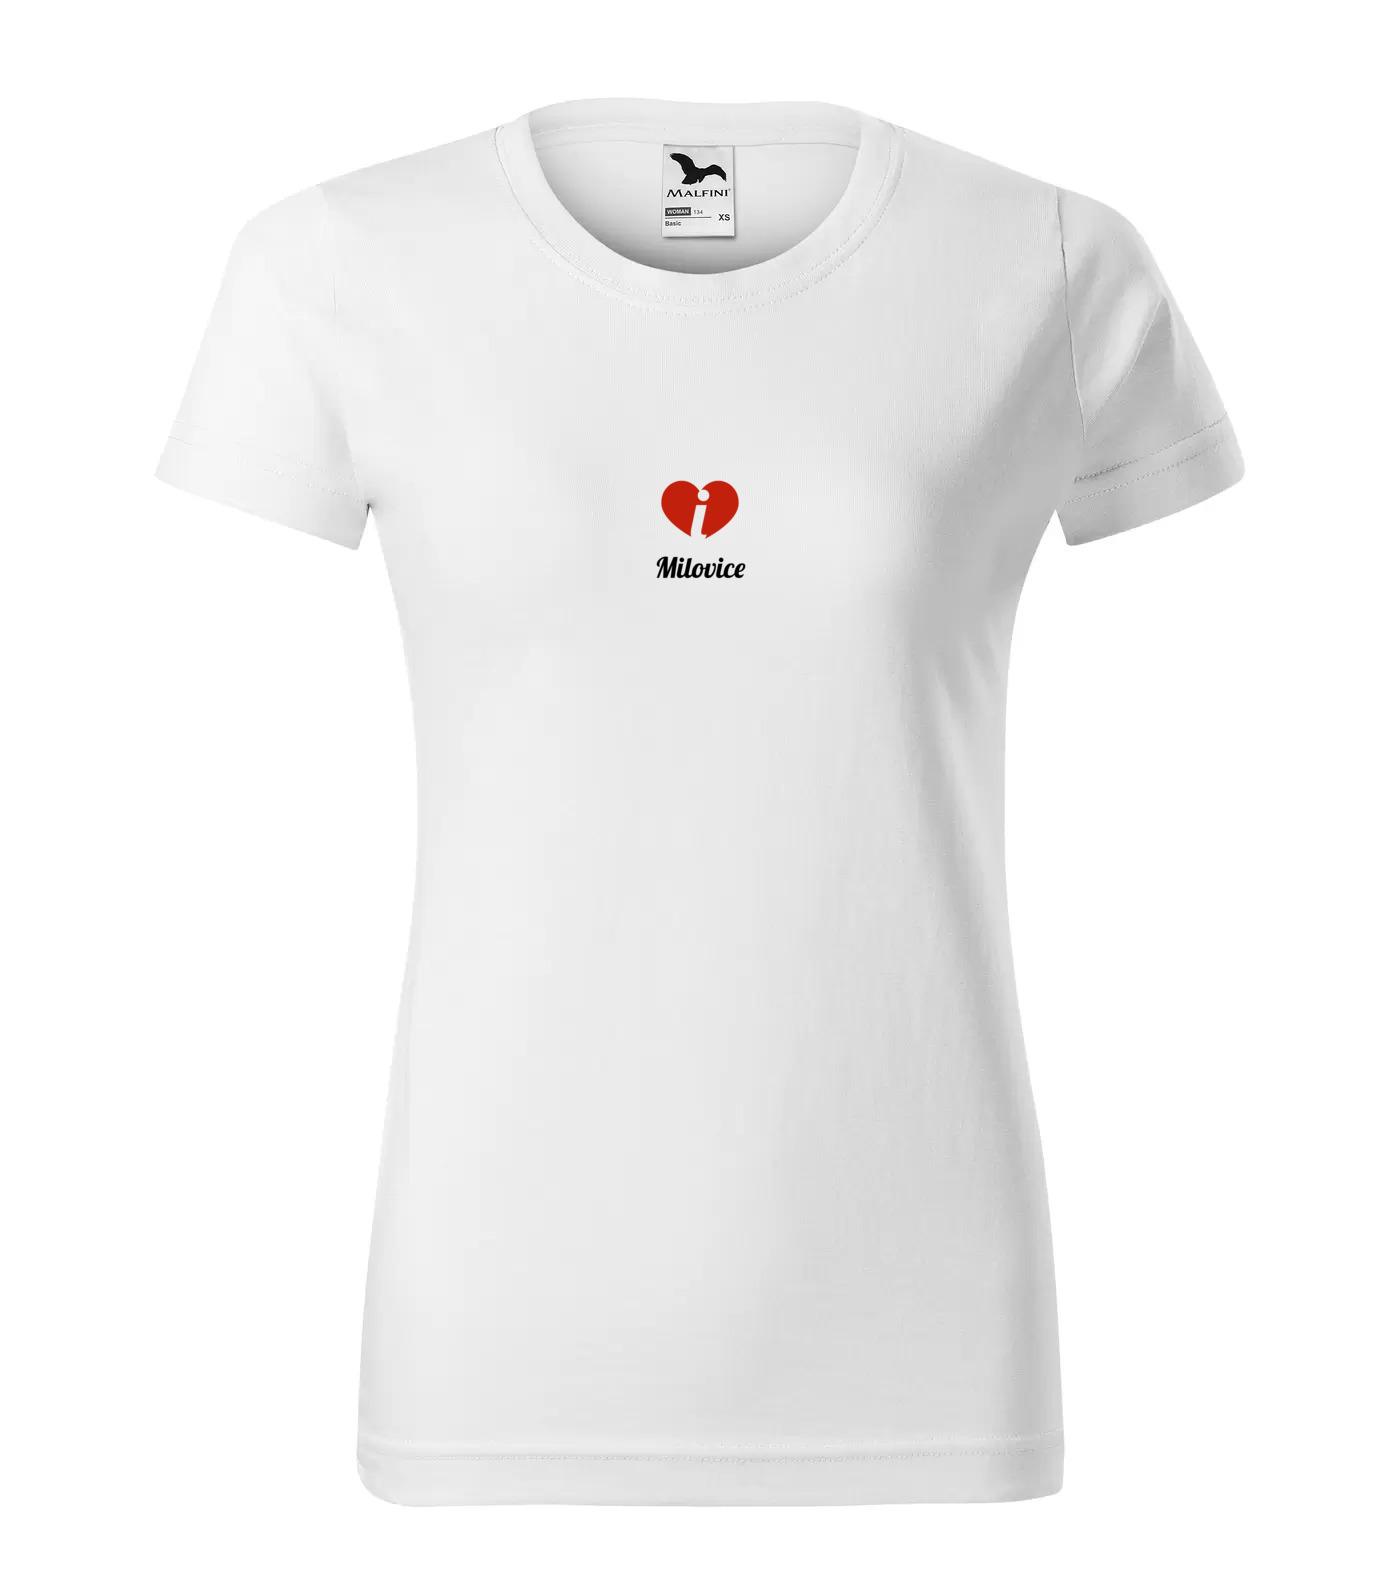 Tričko Milovice